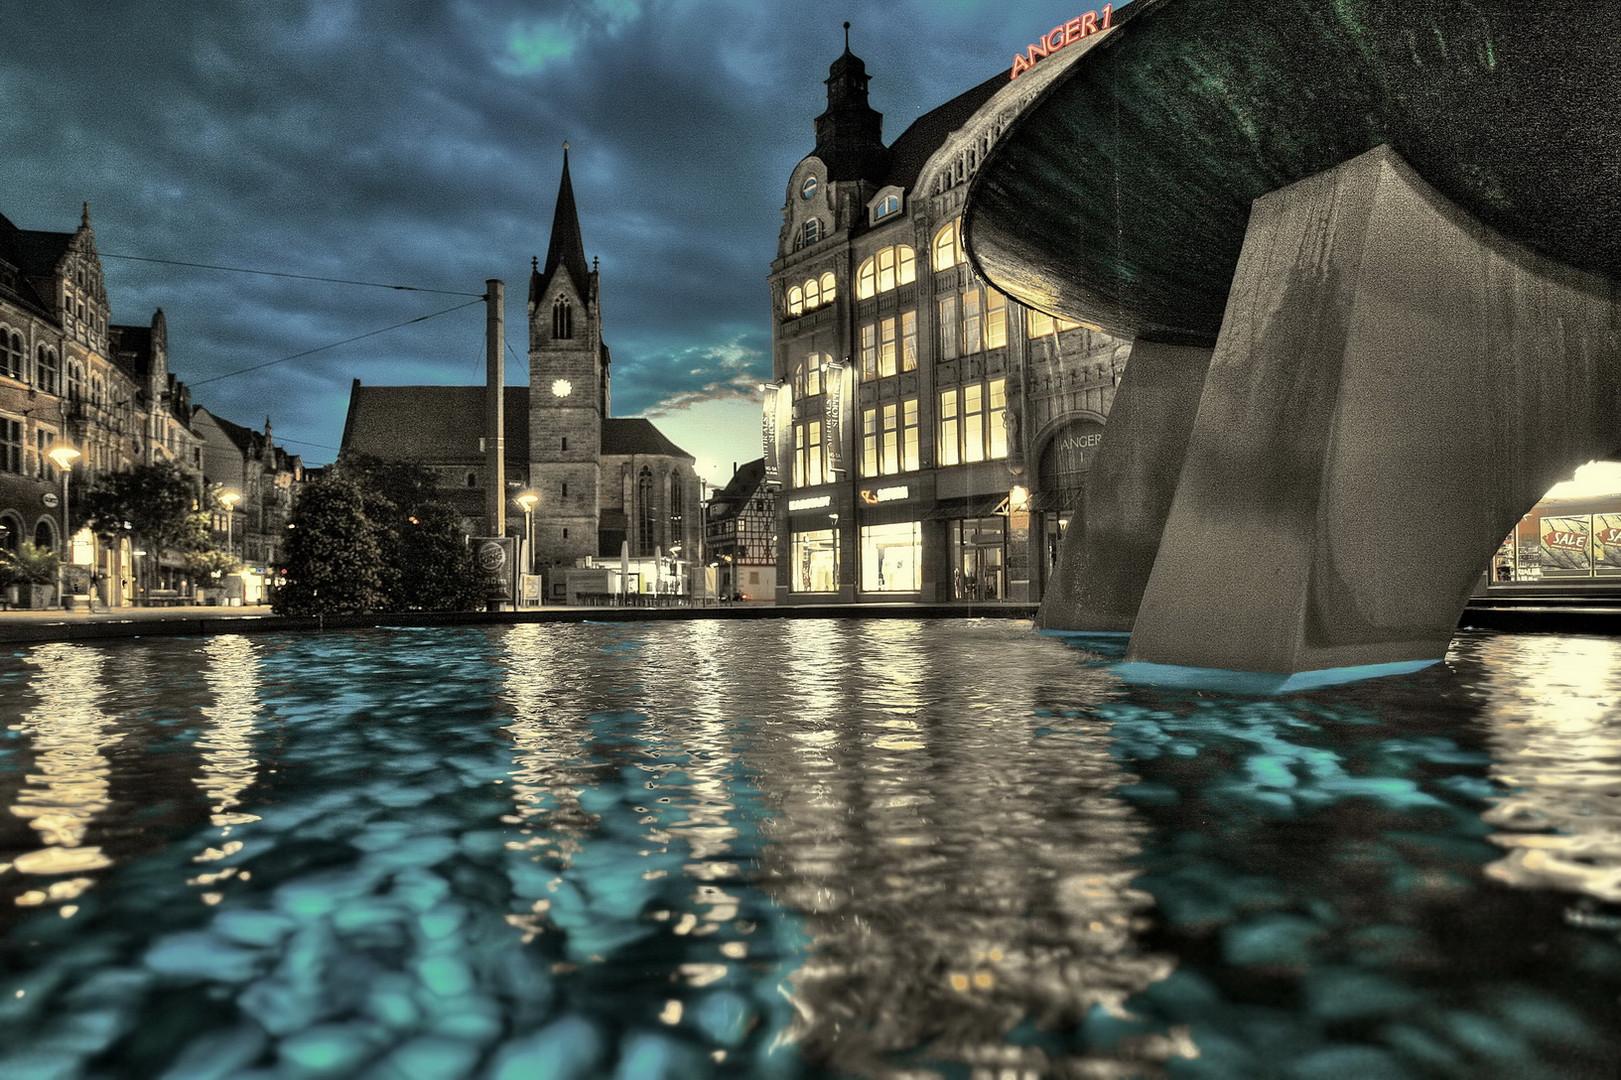 Neuer Angerbrunnen in Erfurt